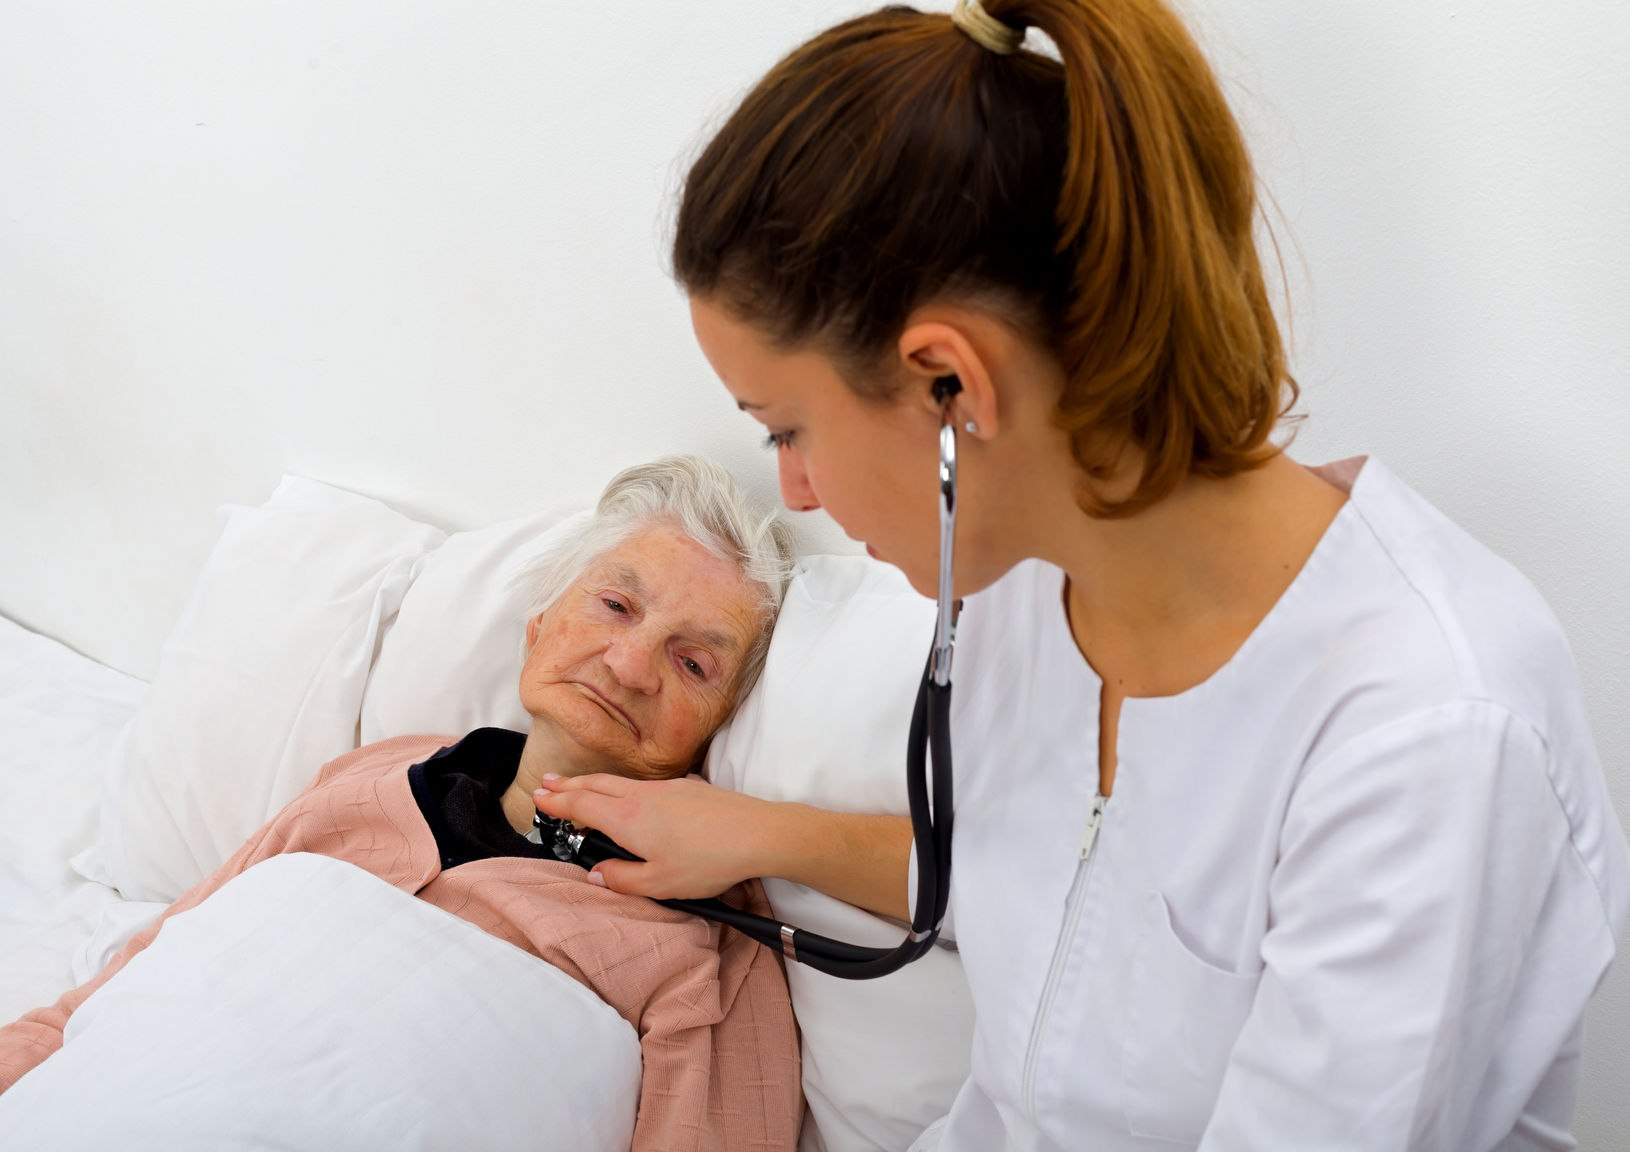 Гериатрический невролог может участвовать в прямом лечении пожилого пациента.